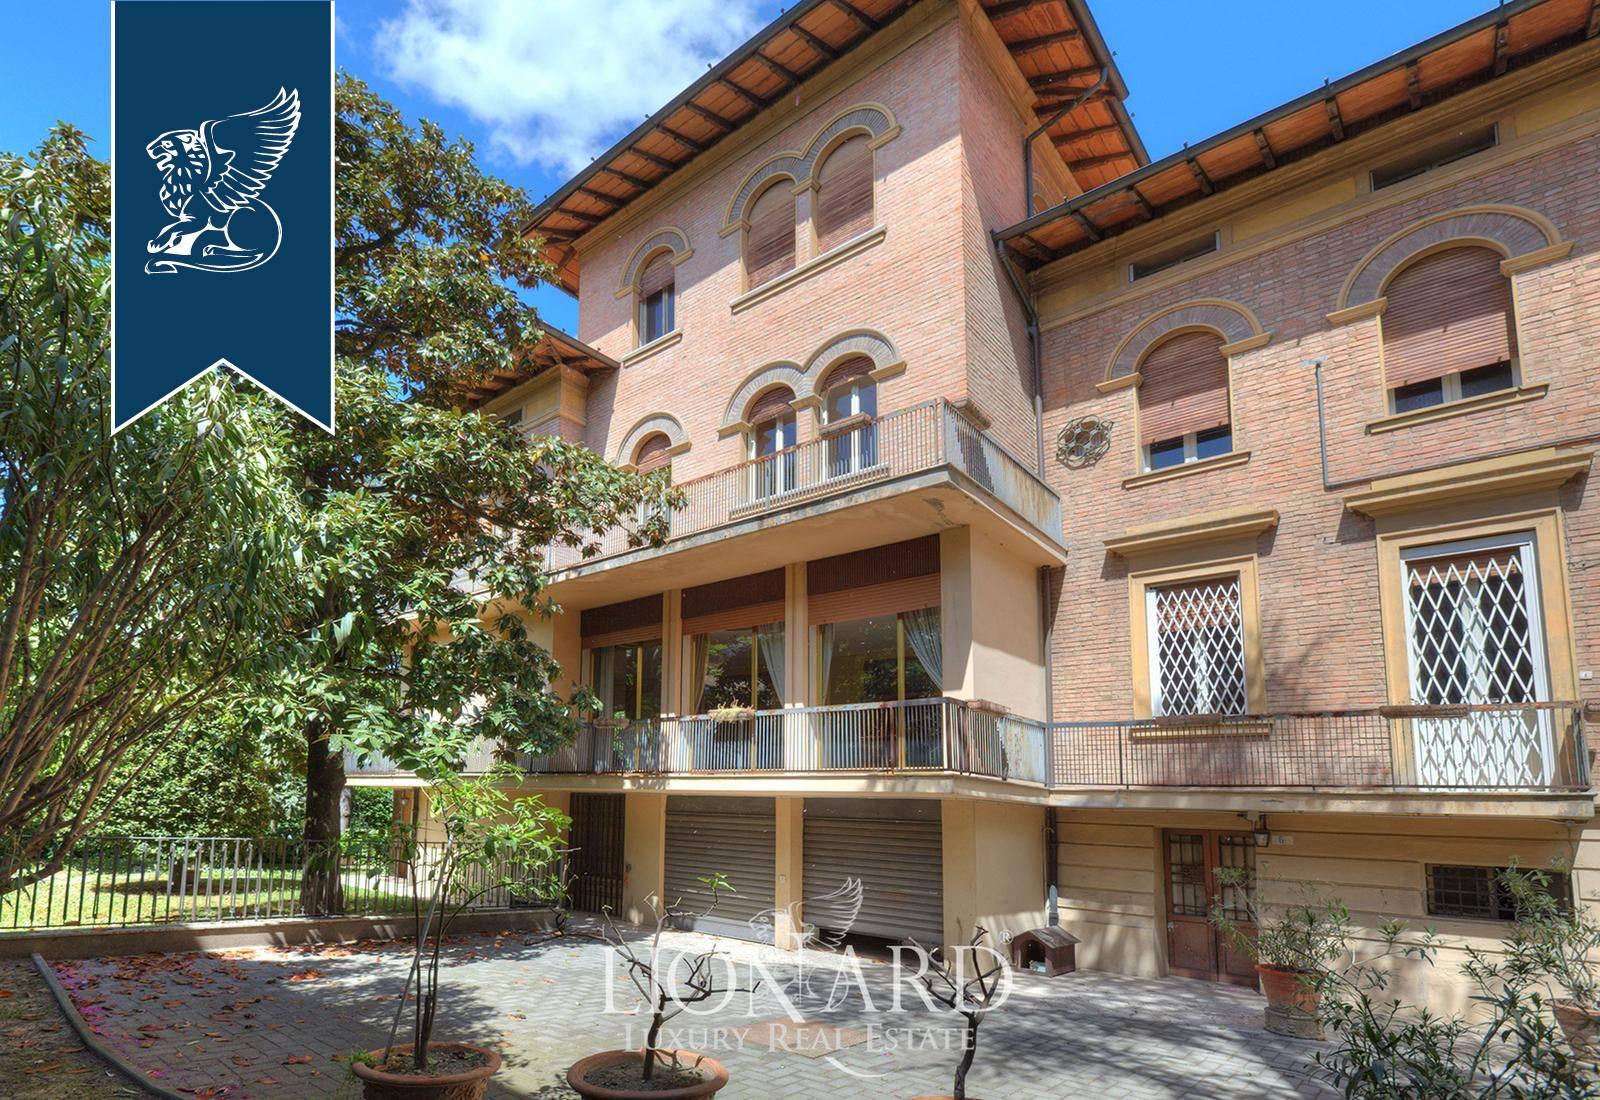 Villa in Vendita a Modena: 0 locali, 800 mq - Foto 3